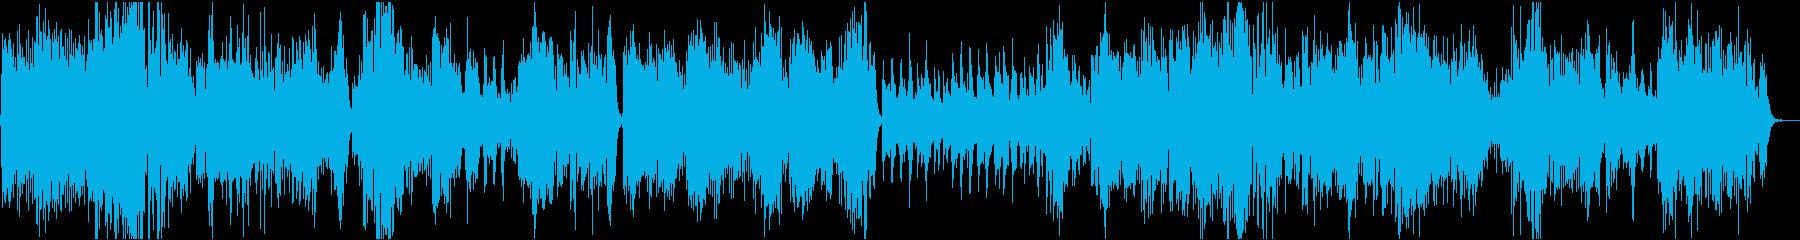 パーティでよく聞くモーツァルトの再生済みの波形